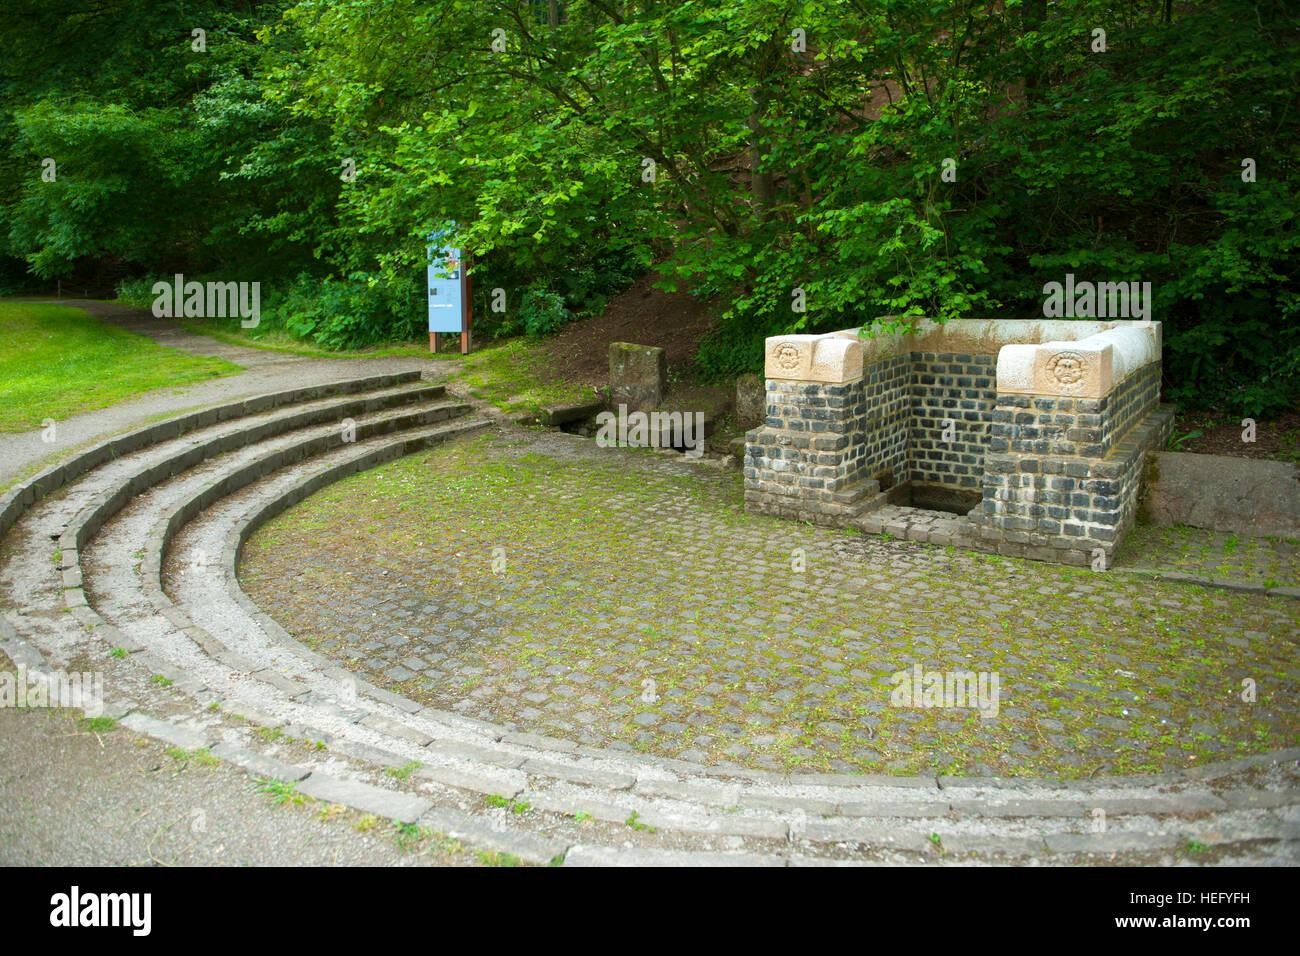 """Deutschland, Nordrhein-Westfalen, Kreis Euskirchen, Nettersheim, Quellfassung """"Grüner Pütz"""" im Urfttal. Hier beginnt die römische Eifelwasserleitung, Stock Photo"""